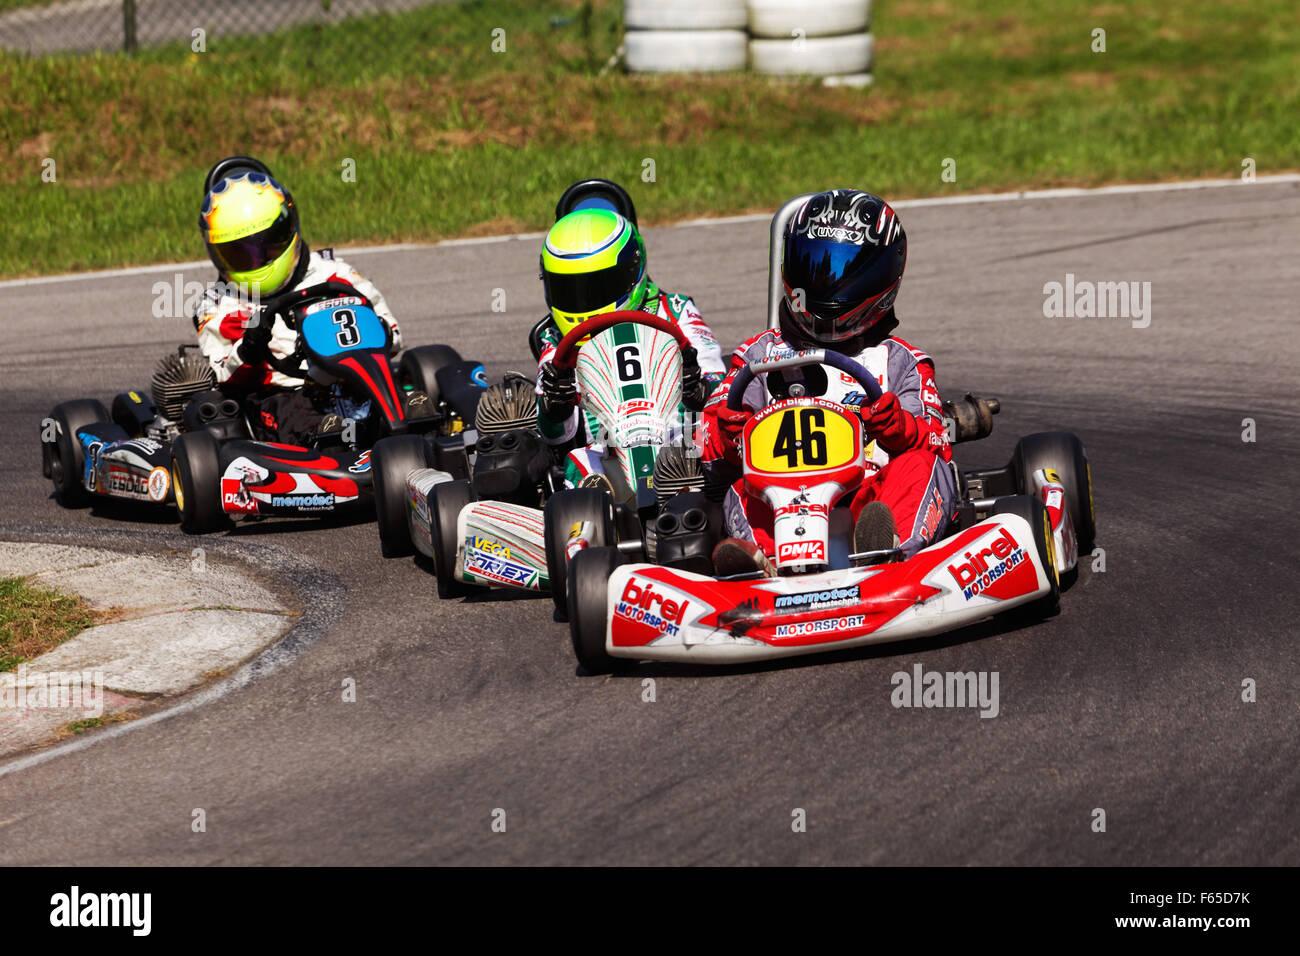 Mick Betsch (No. 6), KSM Racing Team, Bambini A, Urloffen, Deutschland Stockbild